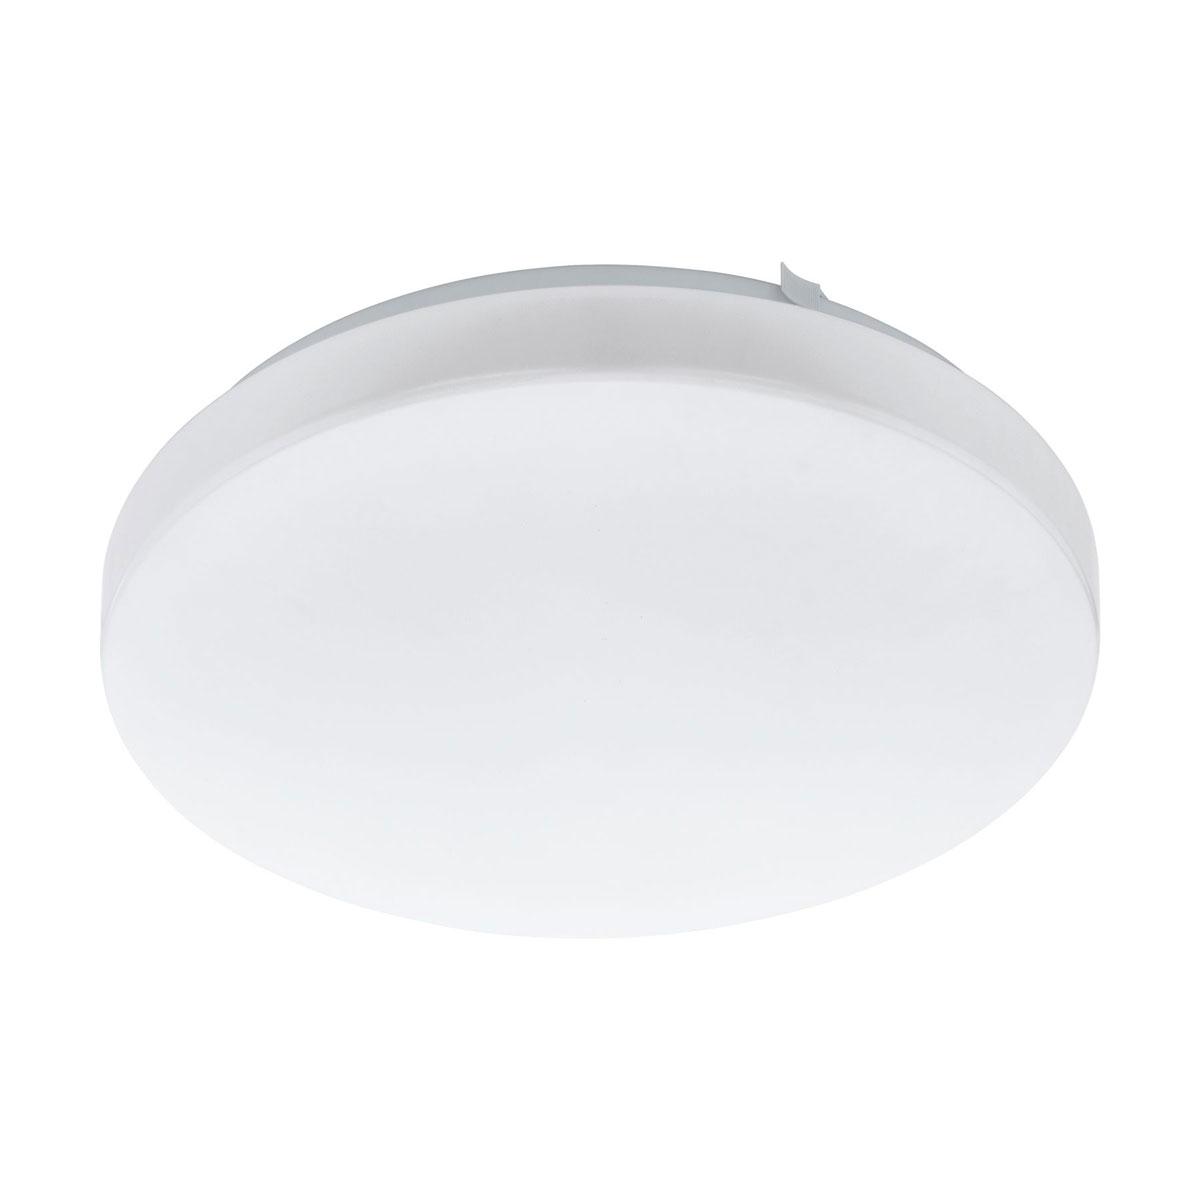 """Deckenleuchten - LED Deckenleuchte """"Frania"""", Ø28cm, weiß Ø 28 cm cm  - Onlineshop Hellweg"""